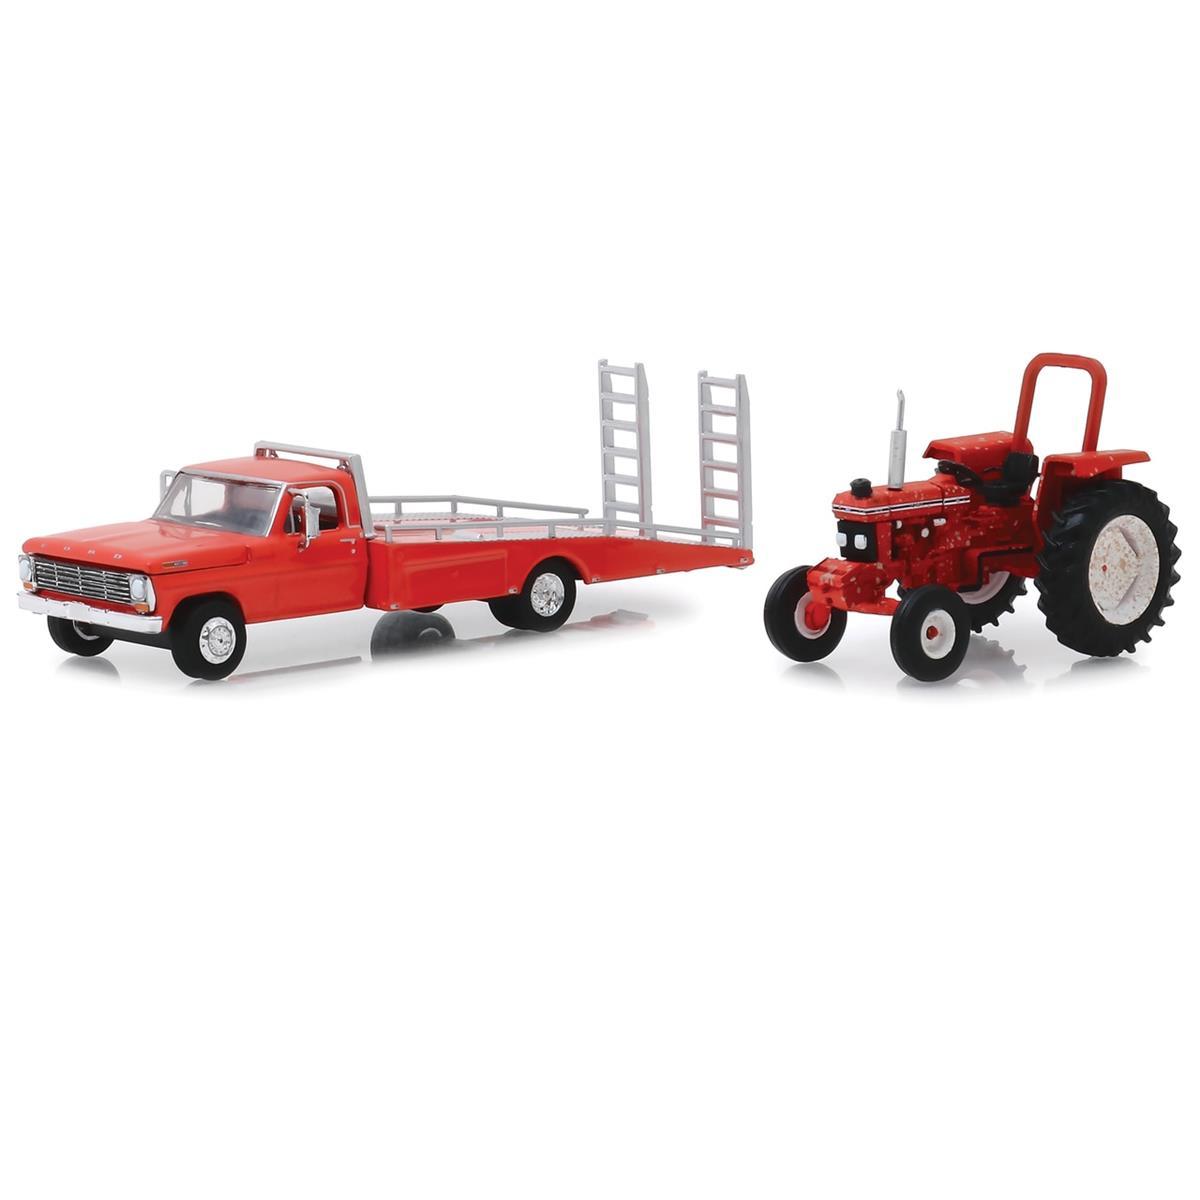 緑light 1969 Ford フォード F-350 Ramp Truck & Unresto赤 Ford フォード 5610 Tractor 1/64 Scale スケール Diecast Model ダイキャスト ミニカー おもちゃ 玩具 コレクション ・...